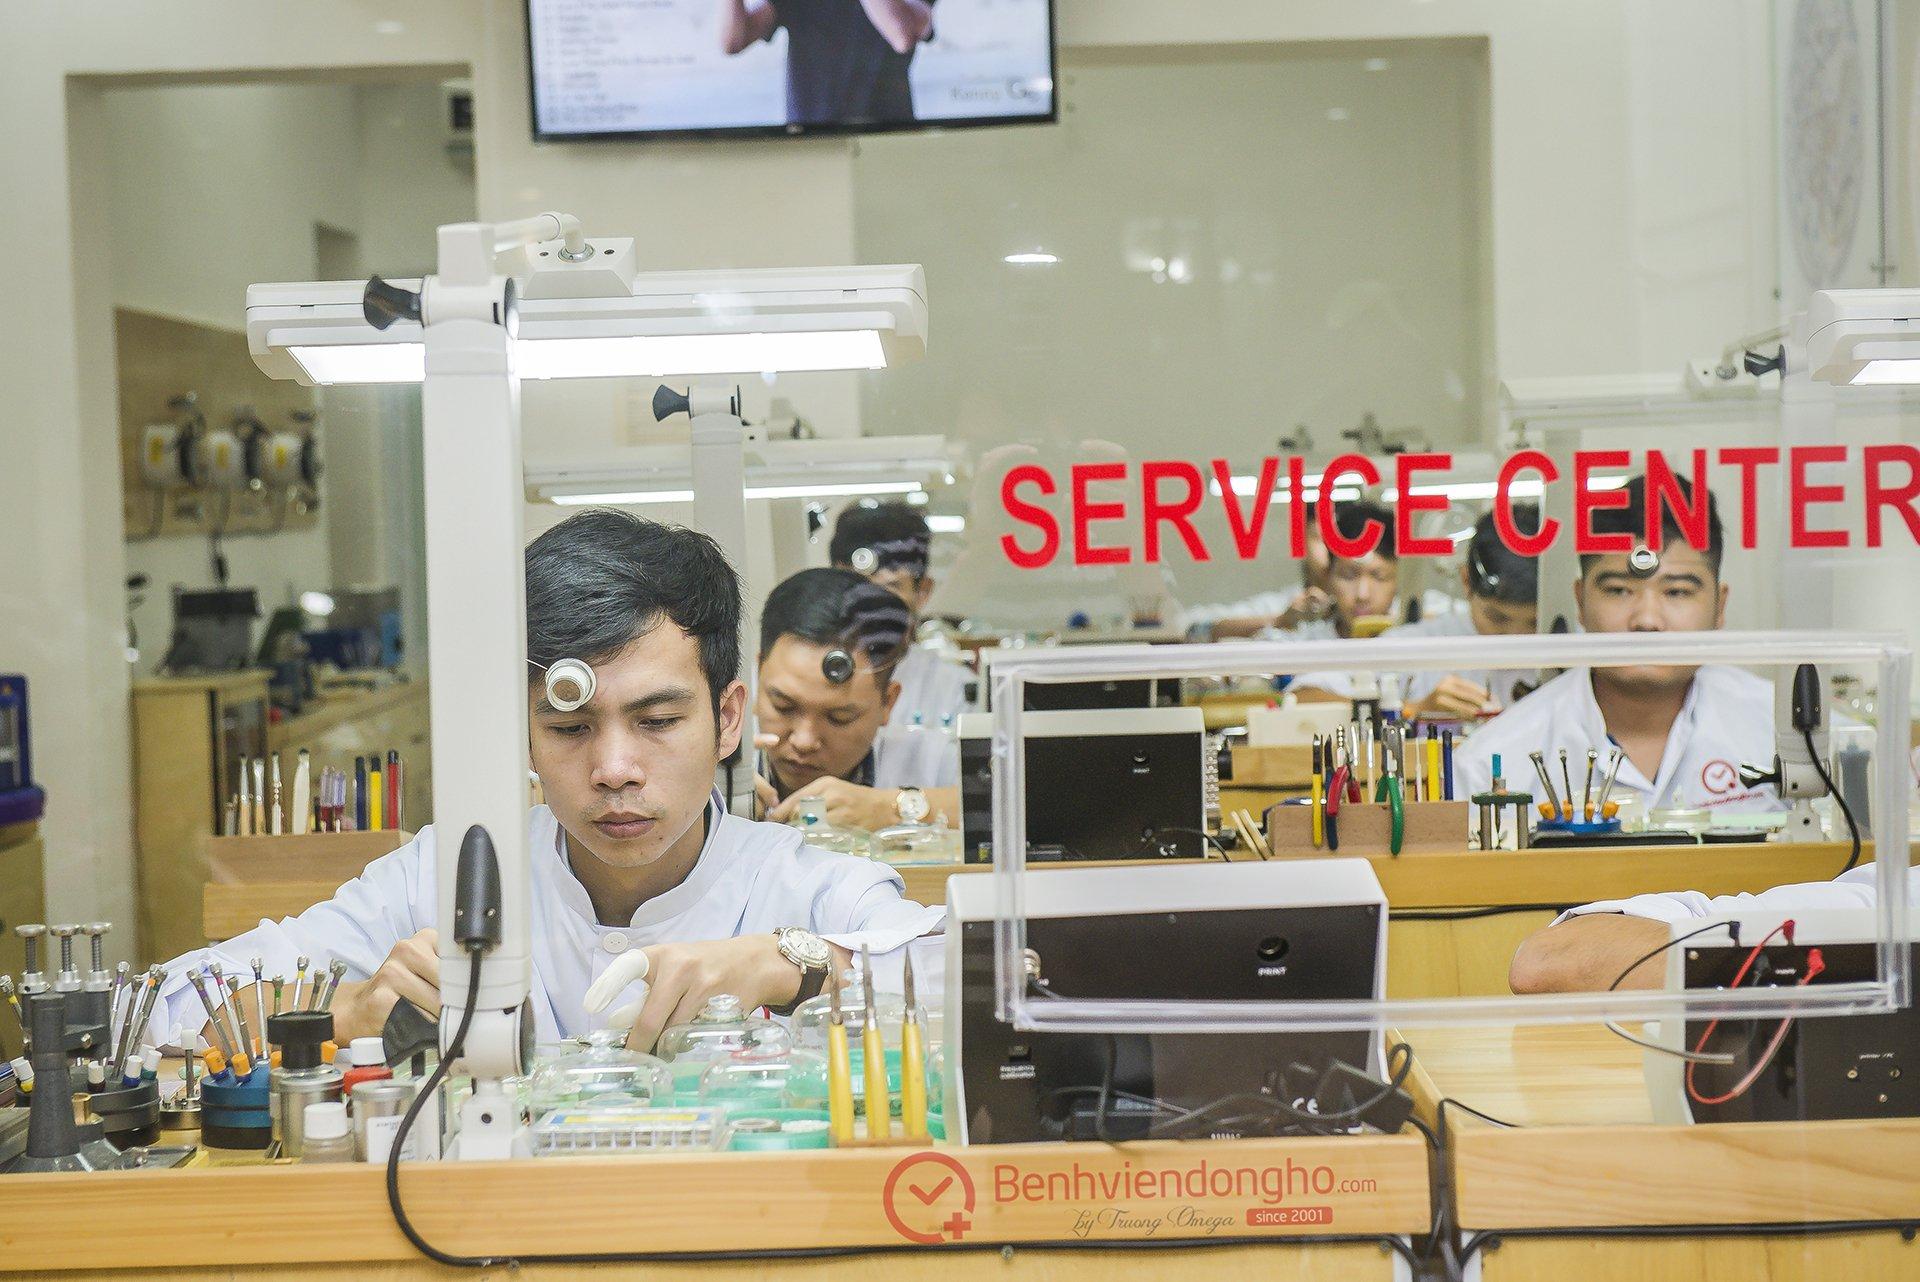 TVT9028 - Phòng kỹ thuật Bệnh Viện Đồng Hồ